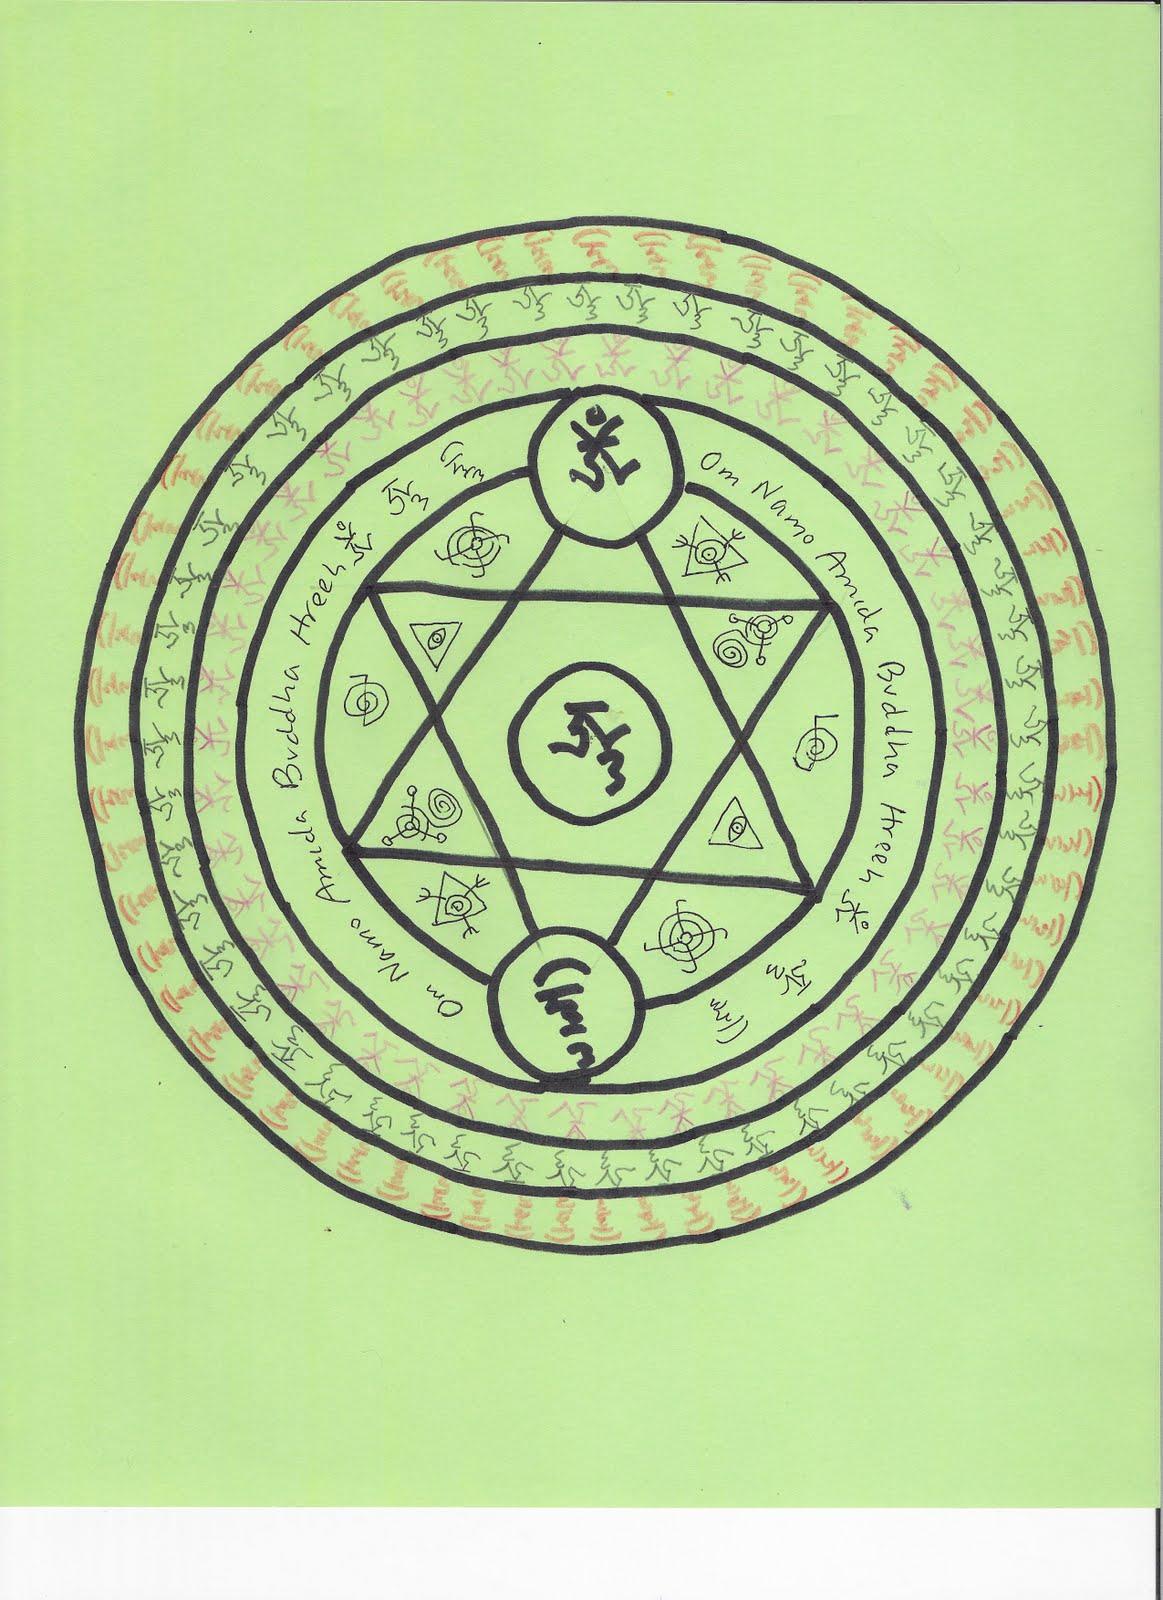 Tanran Reiki Amida Buddha Mandala